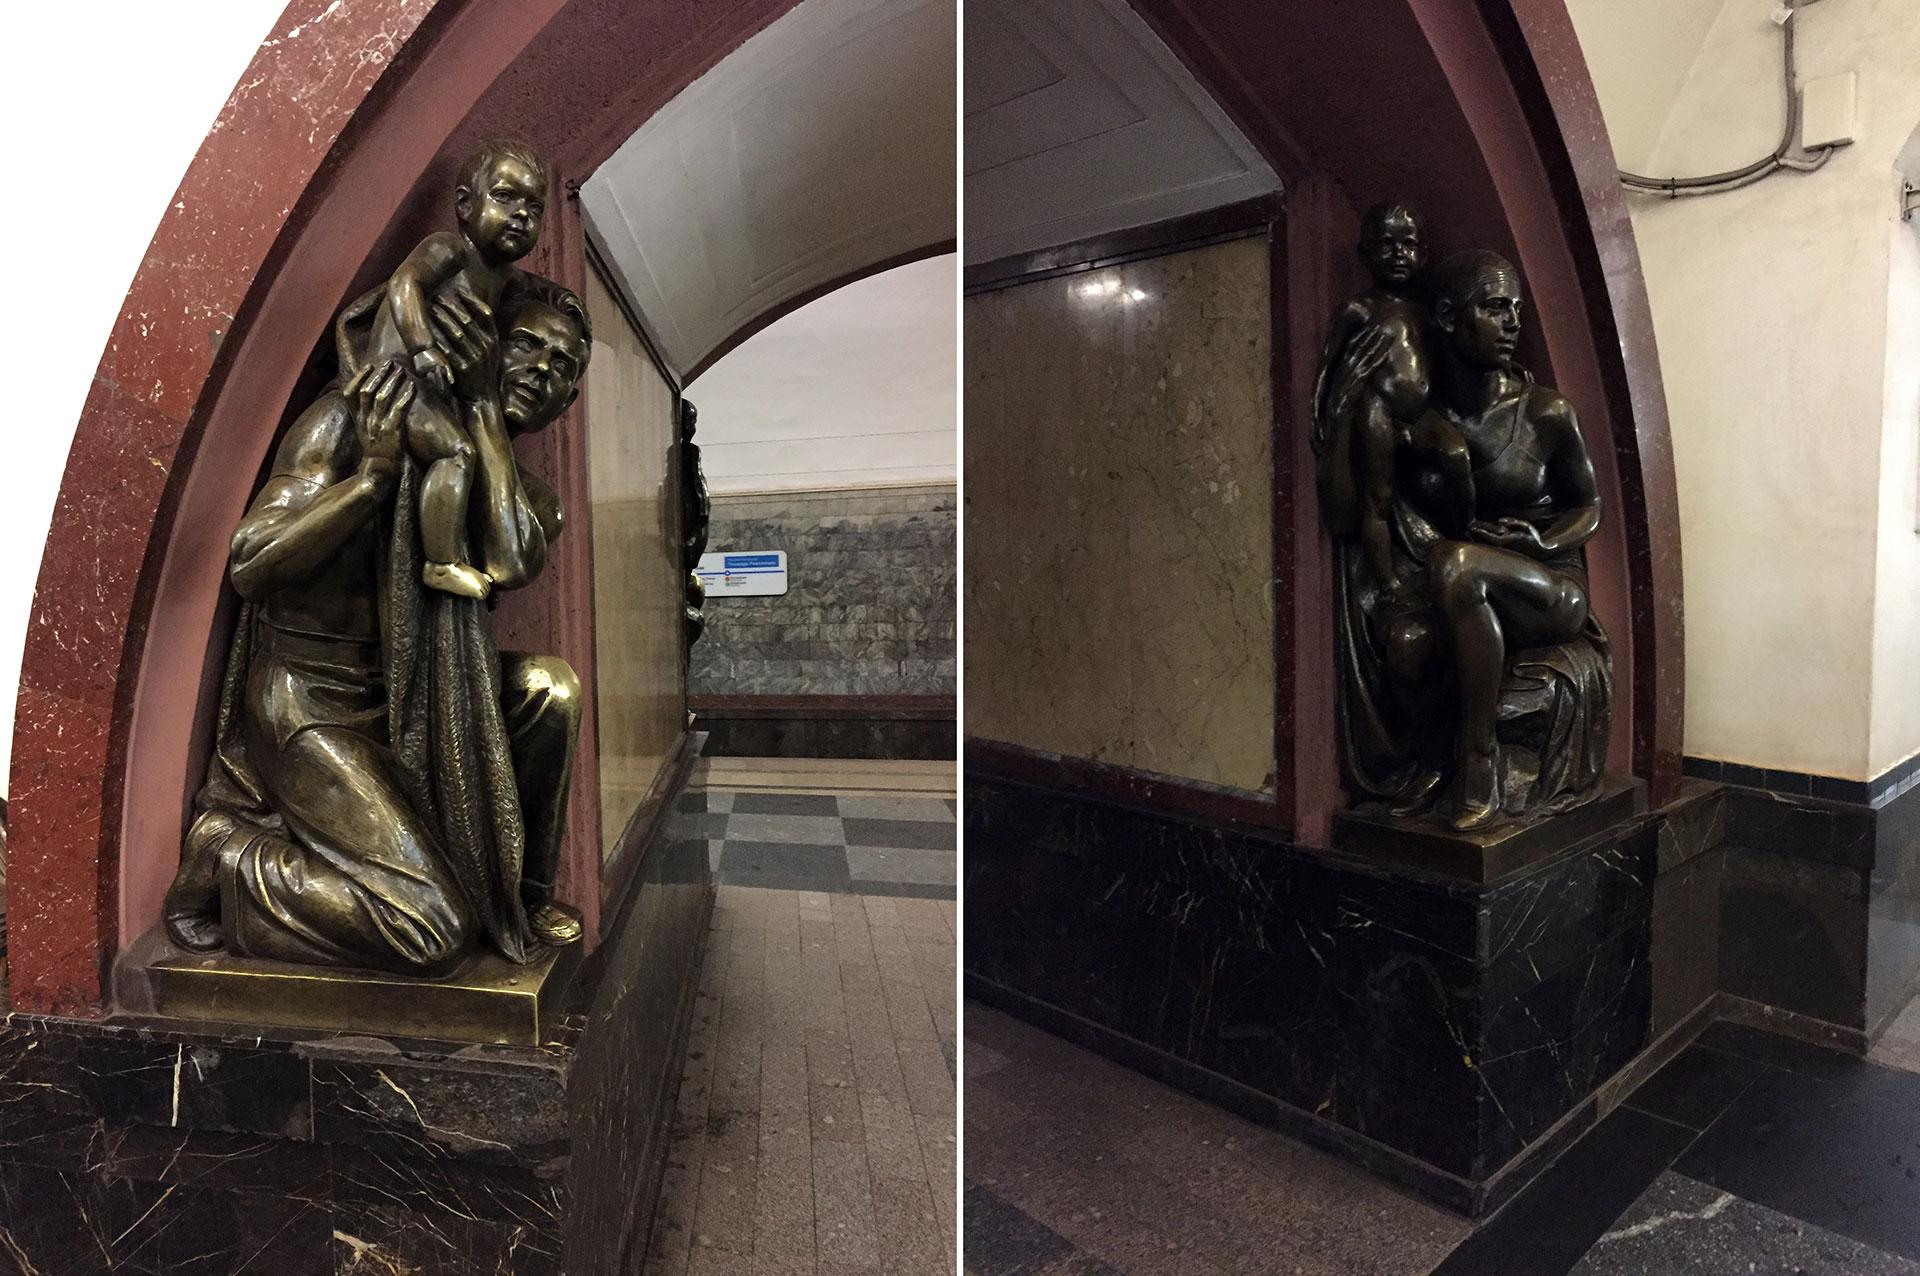 """Apenas un par de las numerosas esculturas en bronce instaladas en el subte durante la era soviética, una muestra del """"realismo socialista"""" en el arte"""